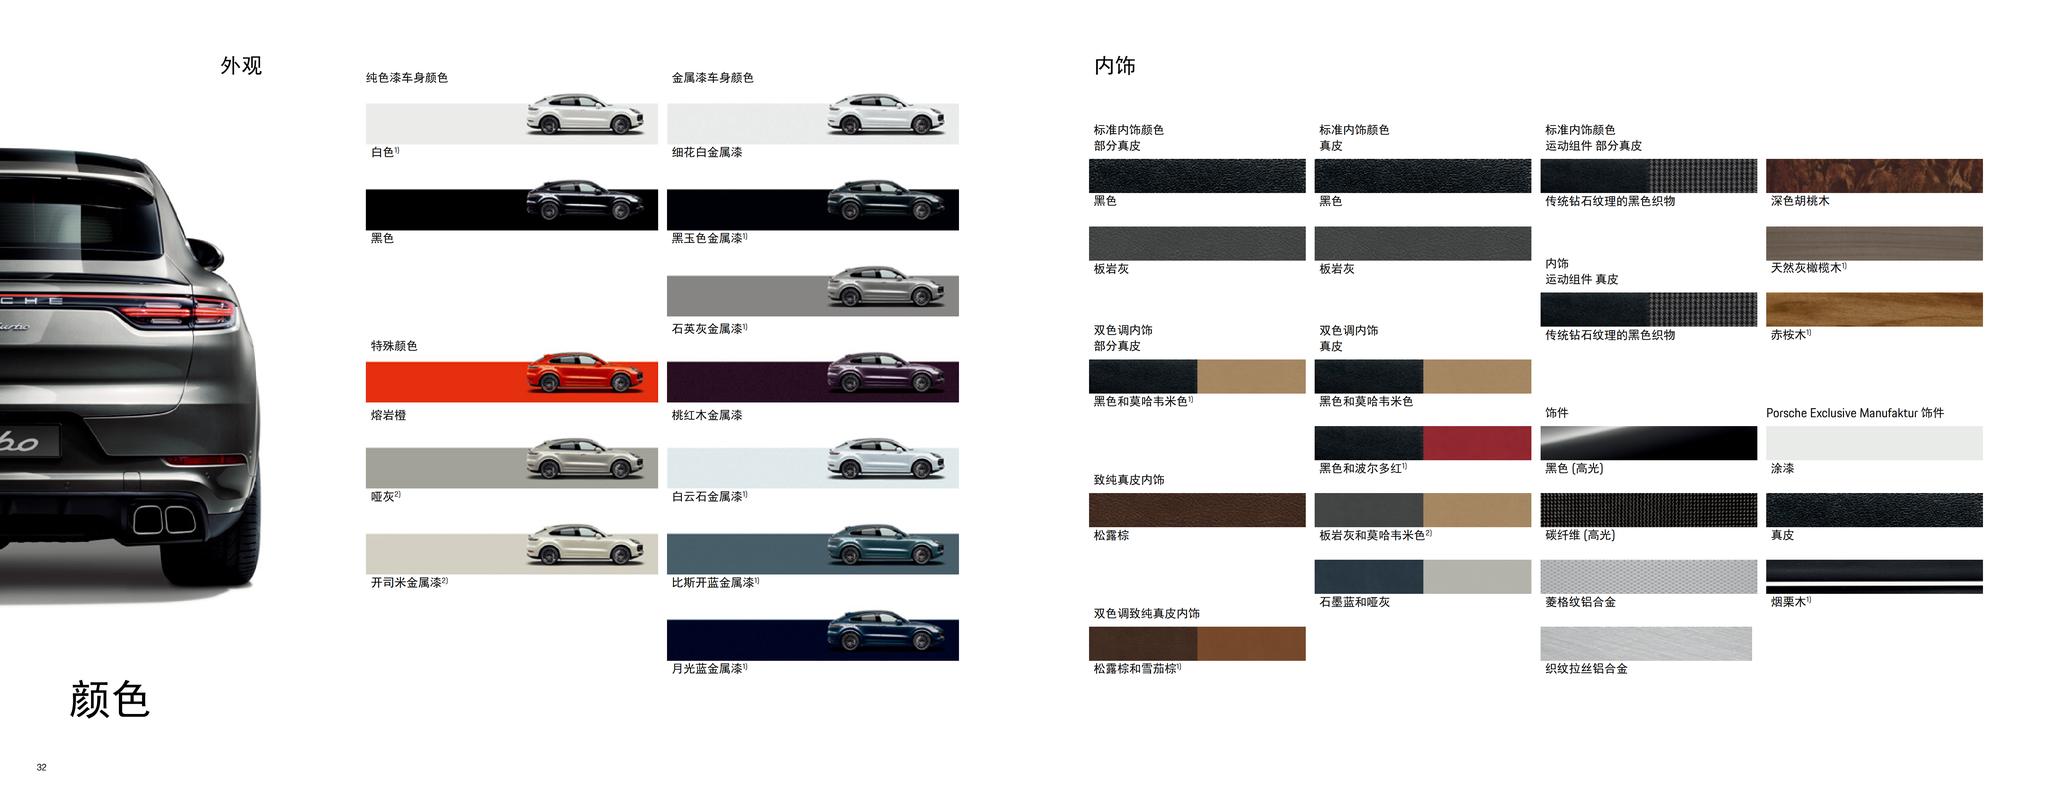 售价101.2万元,插混SUV Cayenne E-Hybrid Coupé你会买吗?